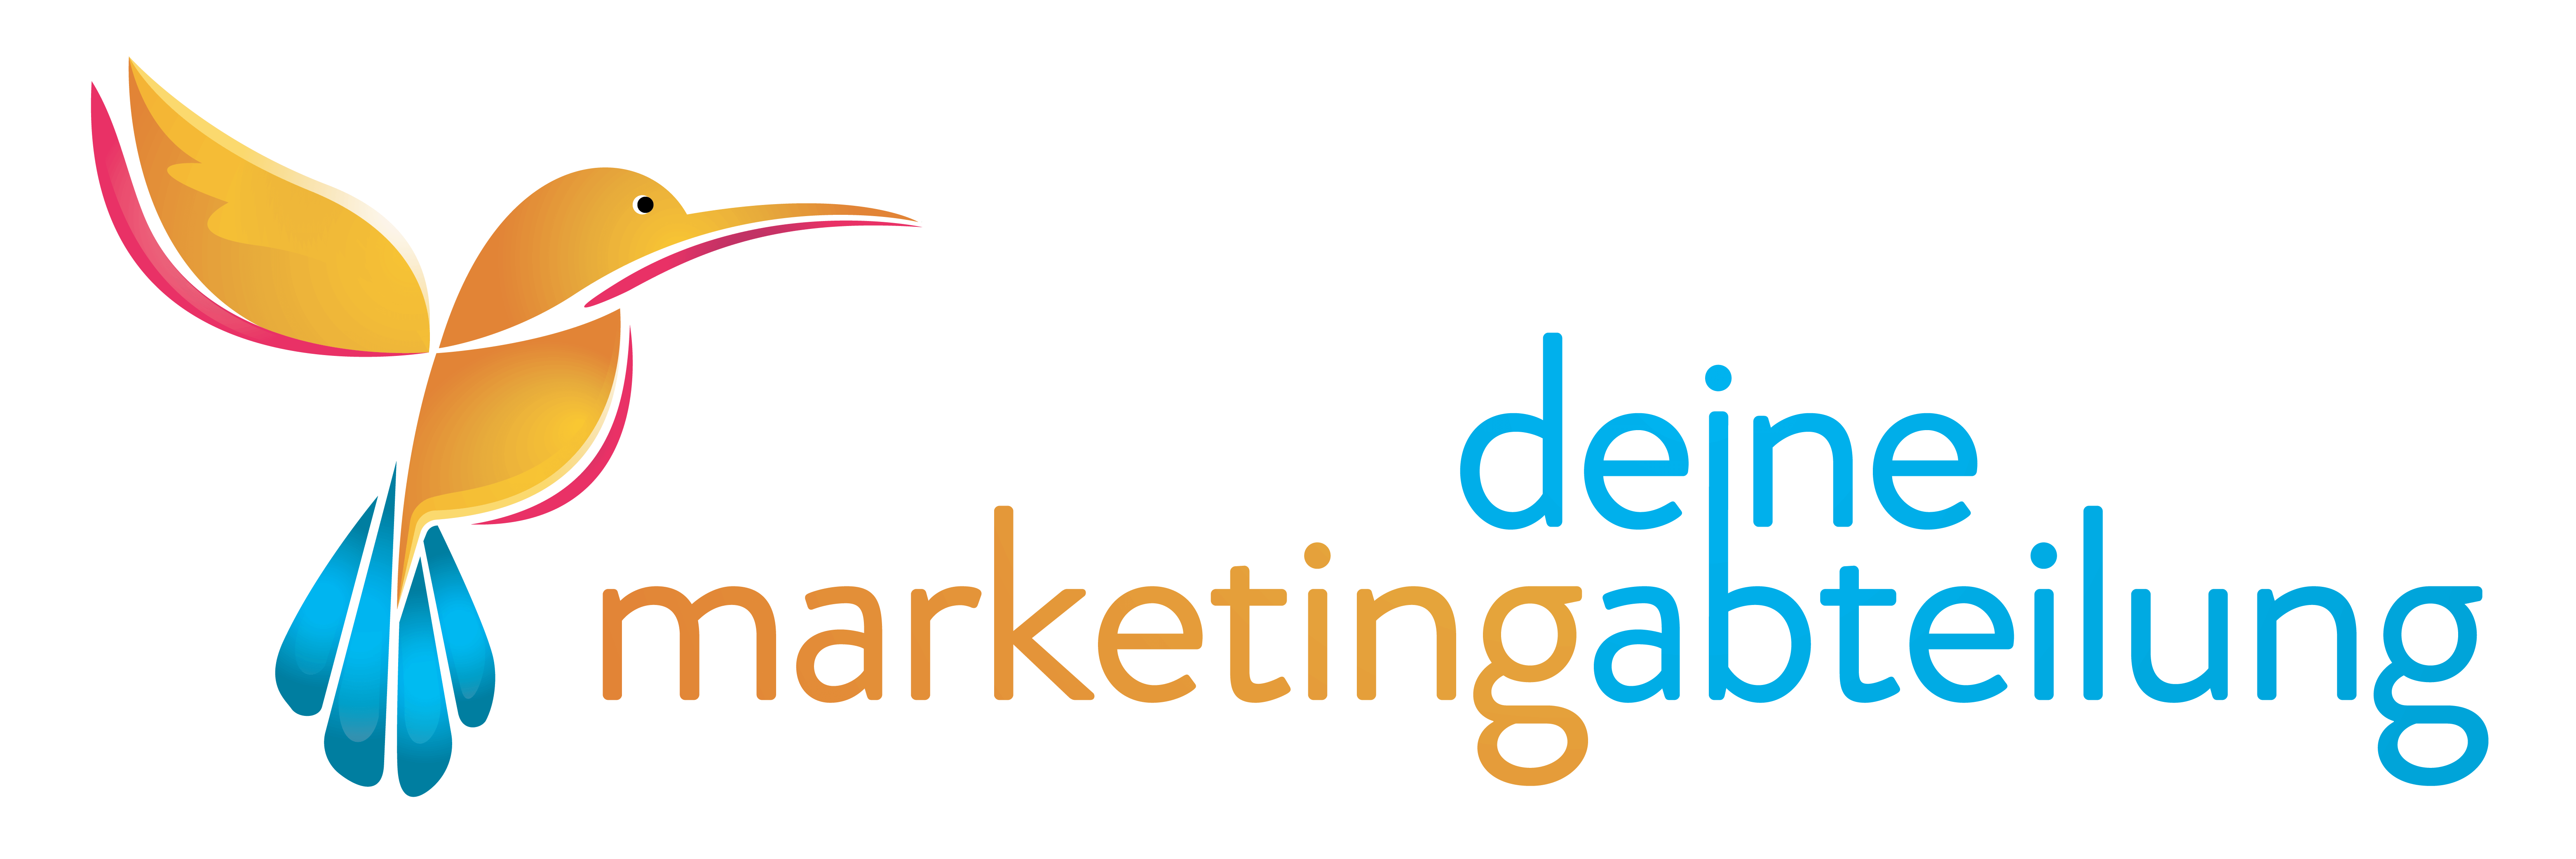 Deine Marketingabteilung